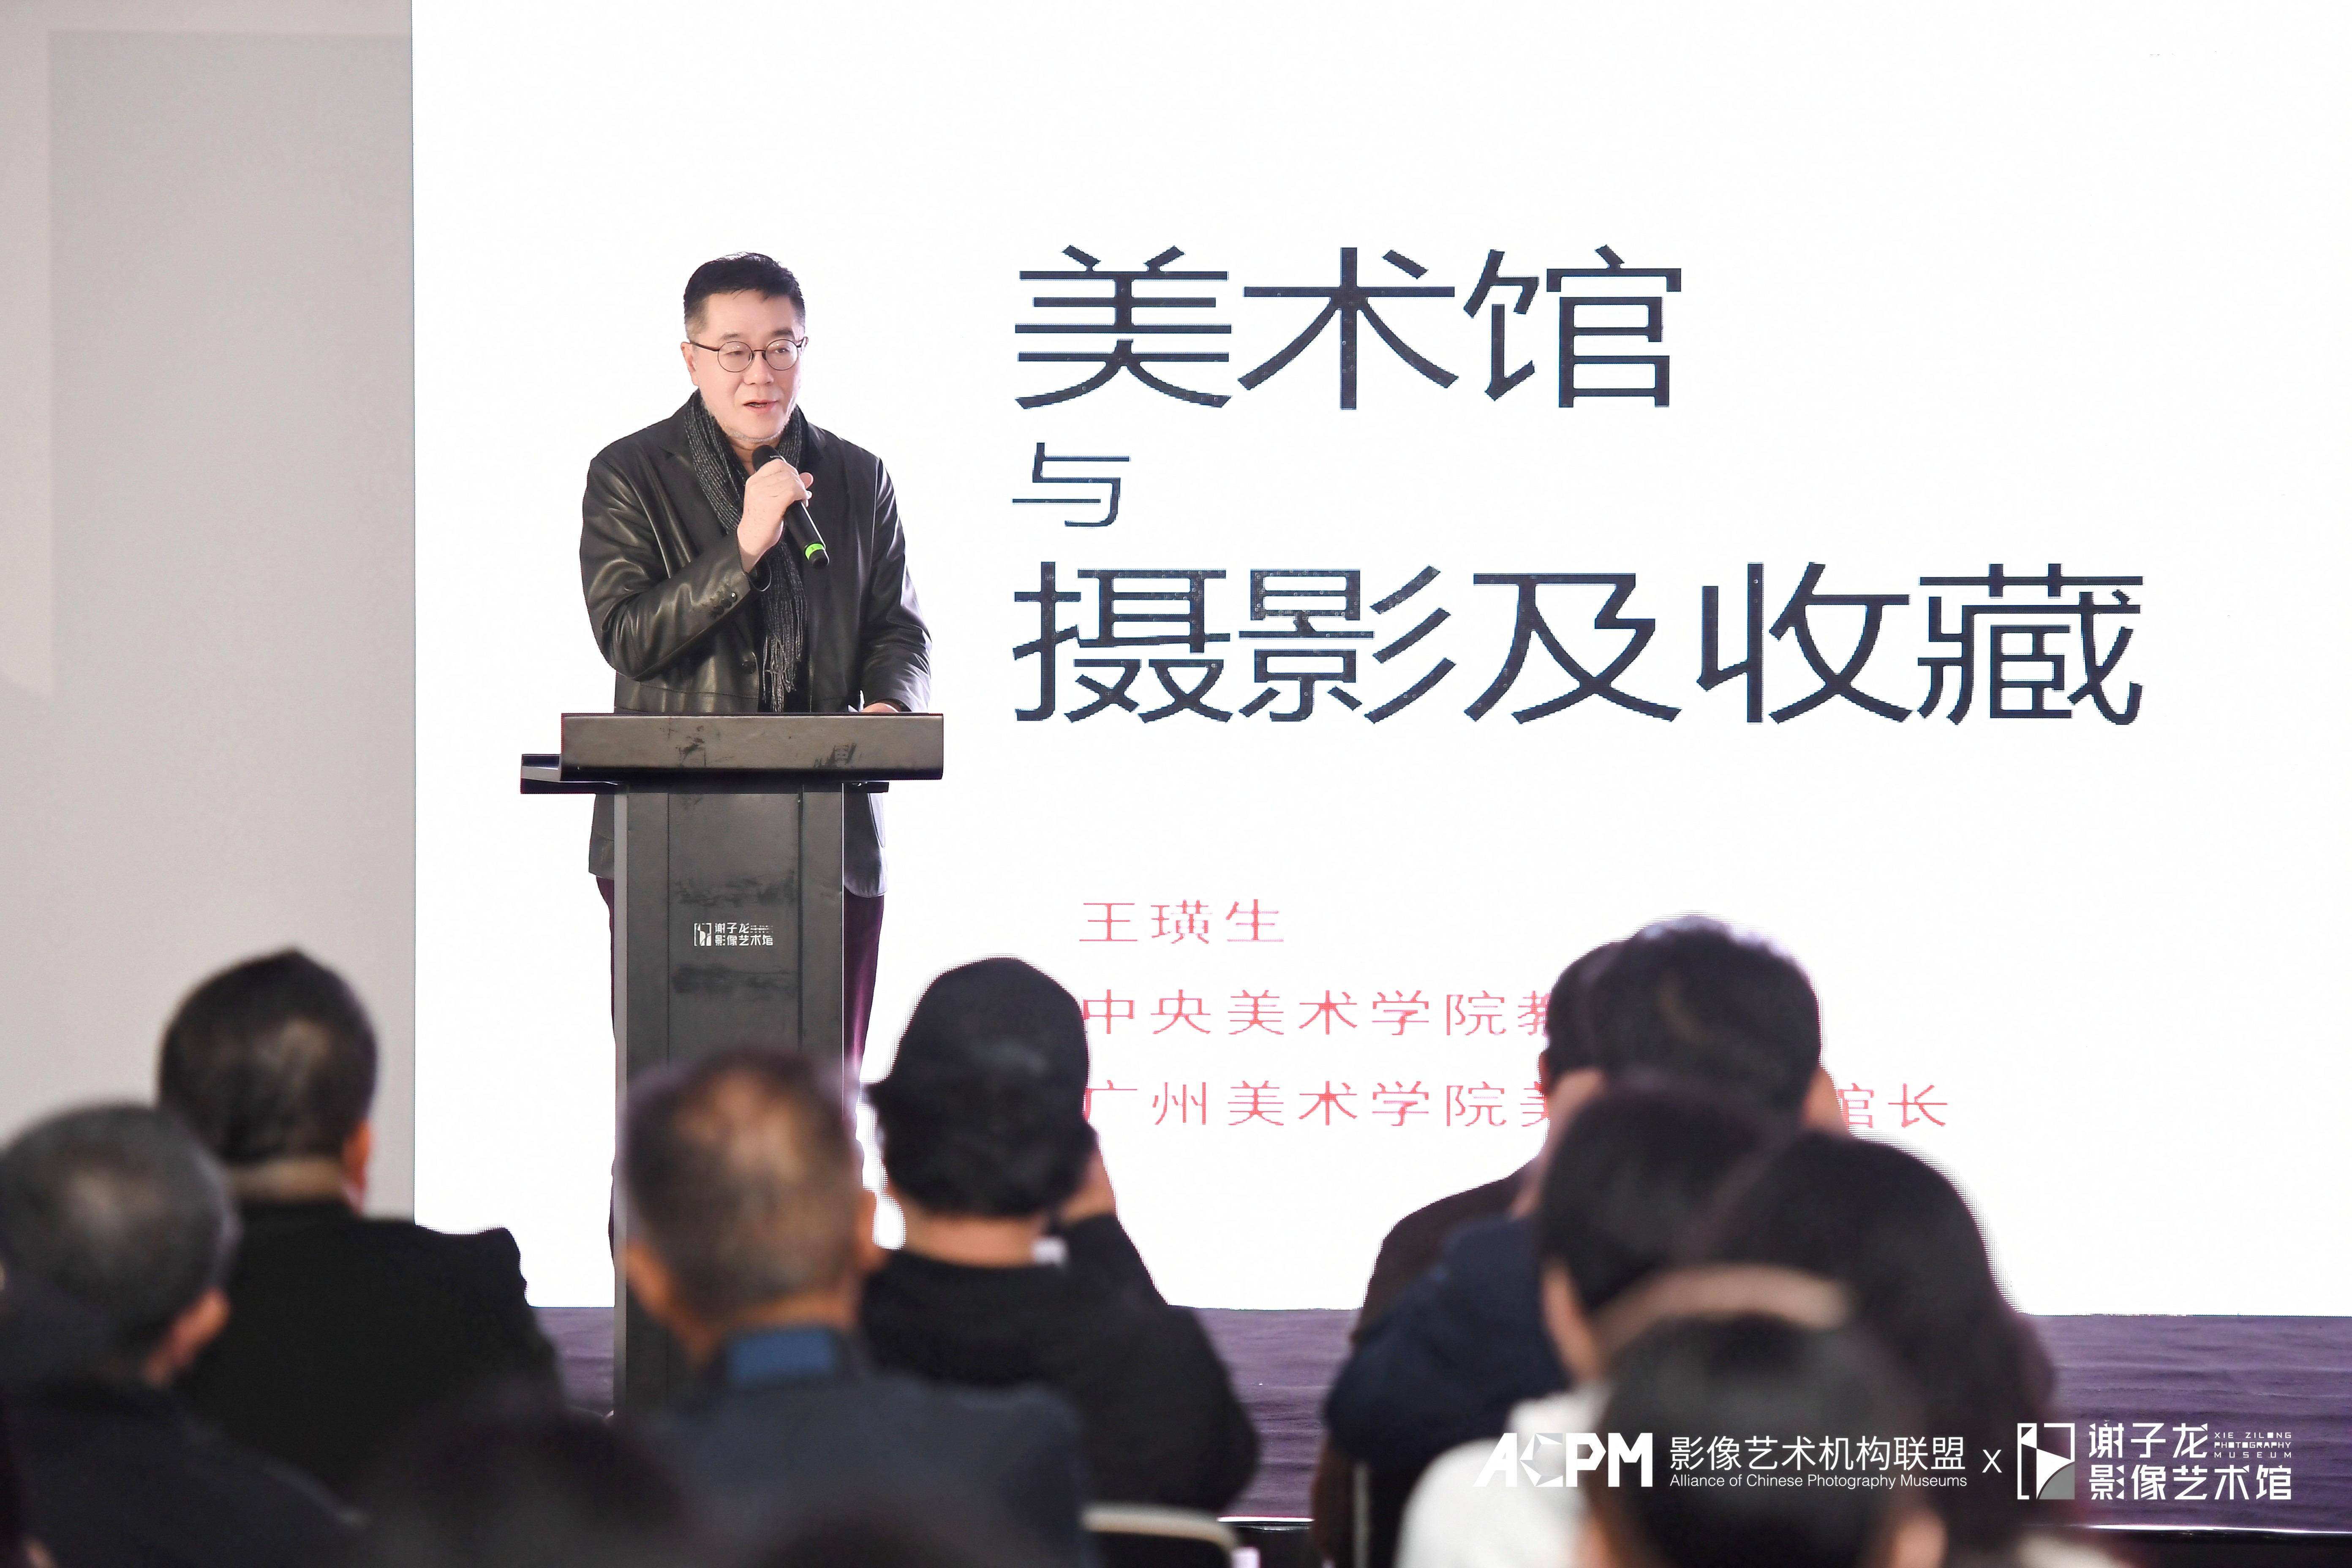 """中央美术学院教授,博士生导师,广东美术学院美术馆总馆长王璜生以""""美术馆与摄影及收藏""""为主题进行了分享。"""